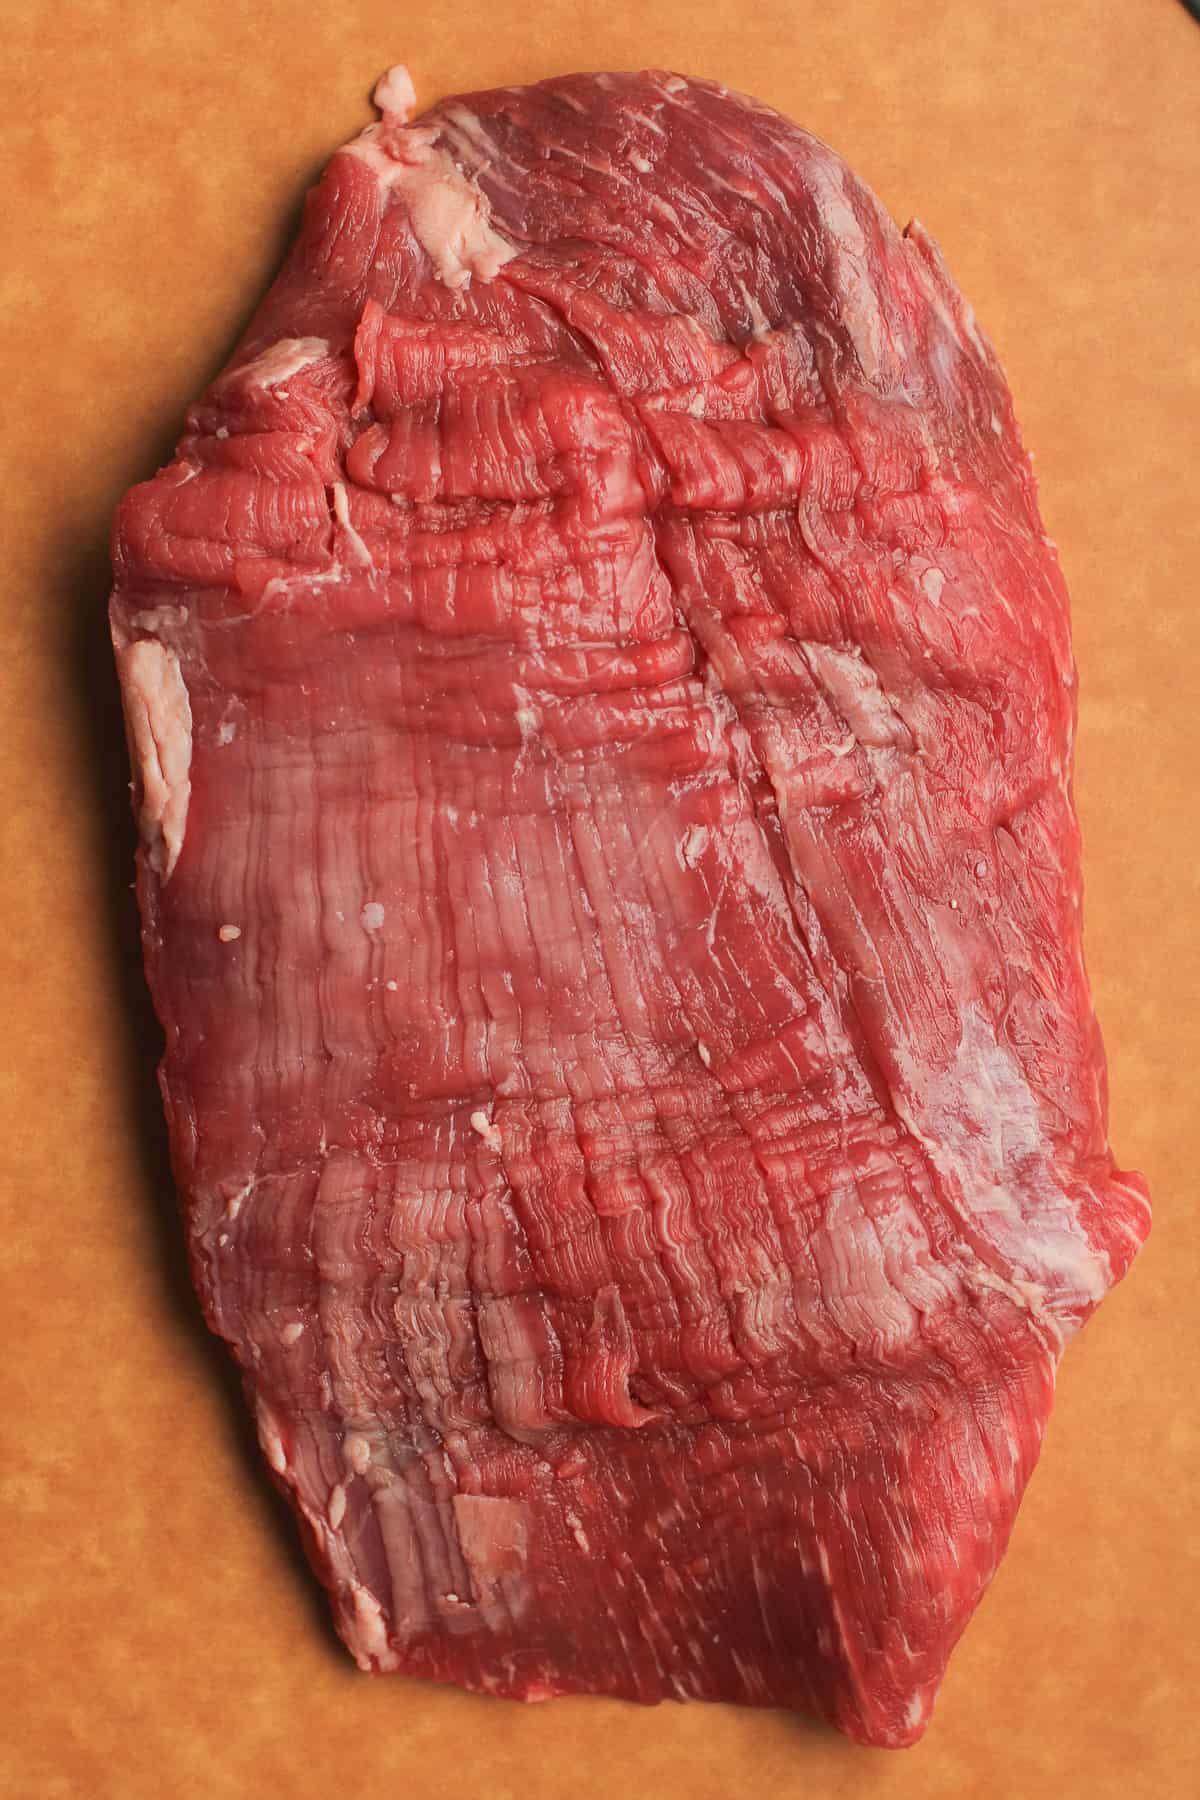 A raw flank steak on a cutting board.